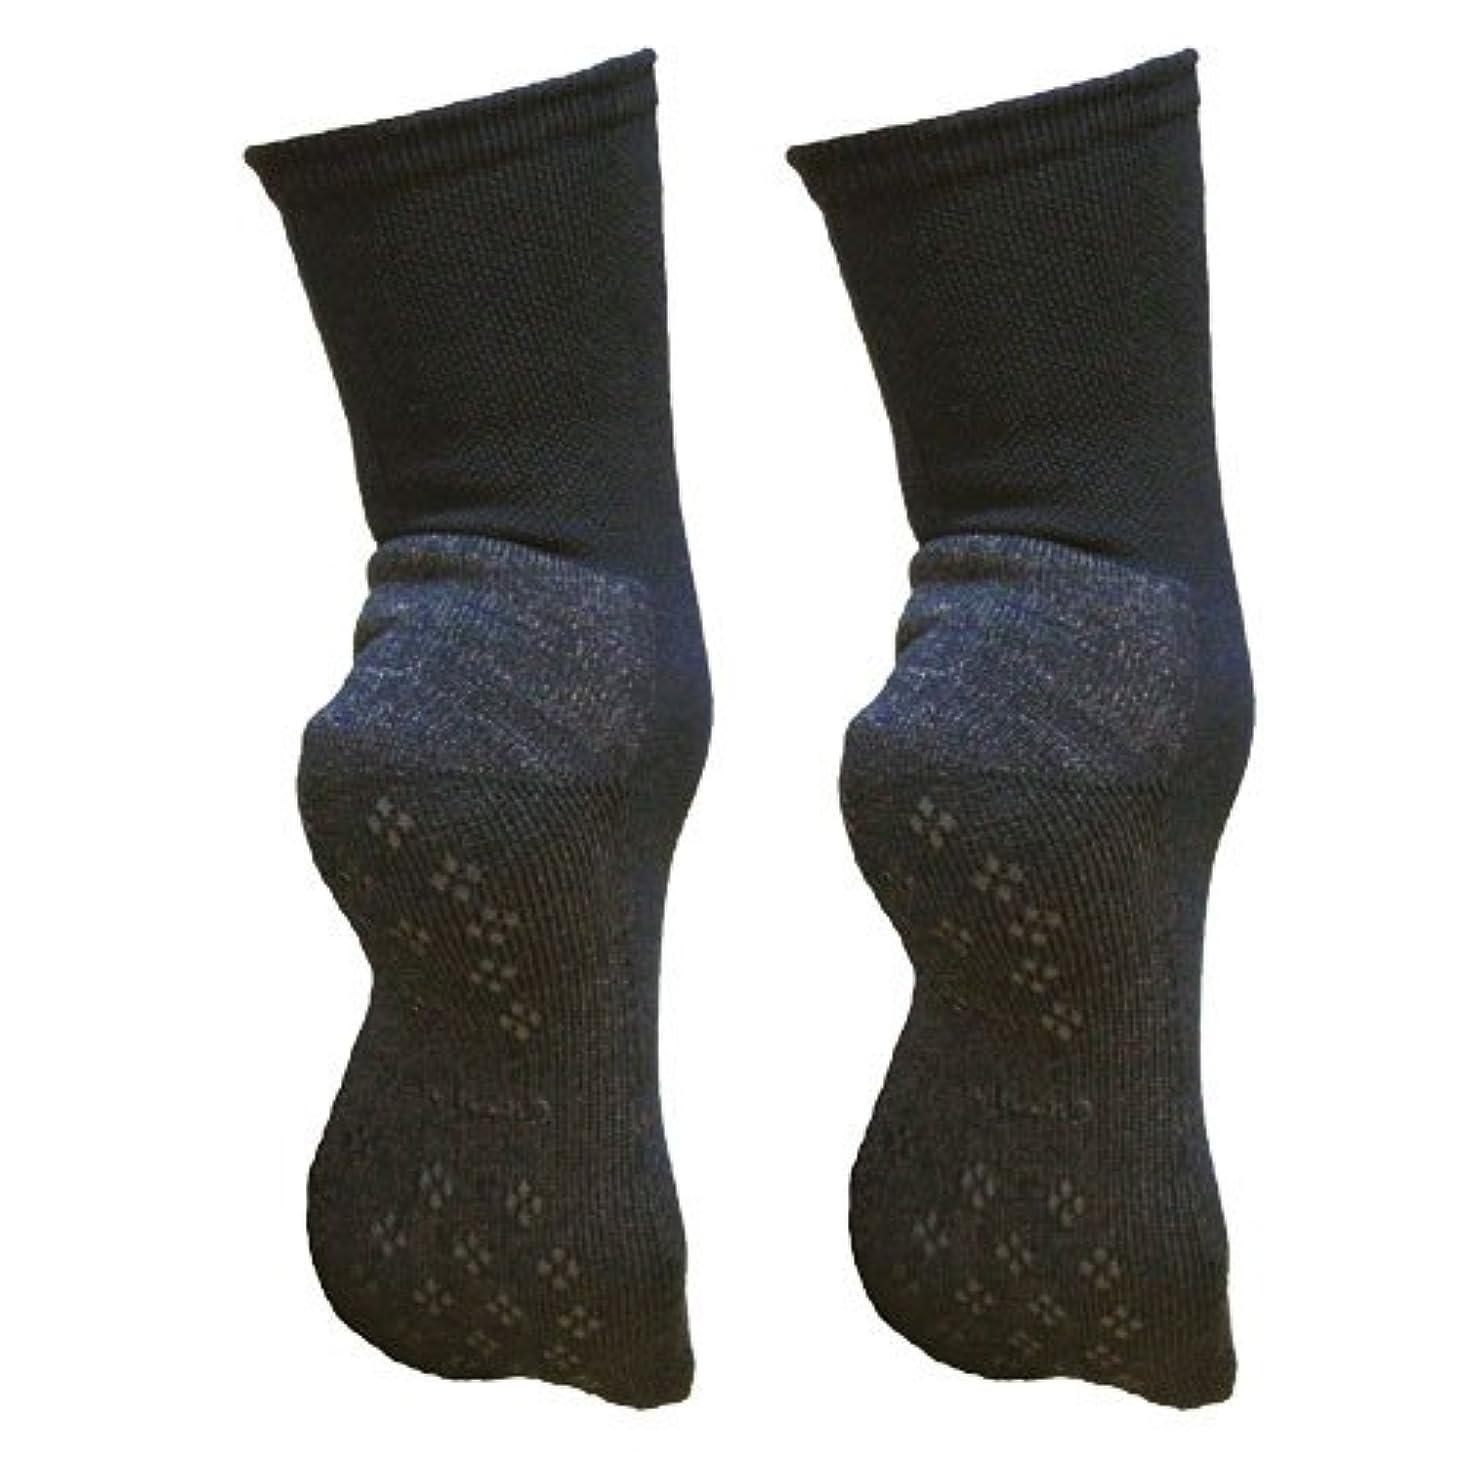 オーラルプレビューイディオム銅繊維靴下「足もとはいつも青春」パイルタイプ2足セット 靴底のあたたかさ重視